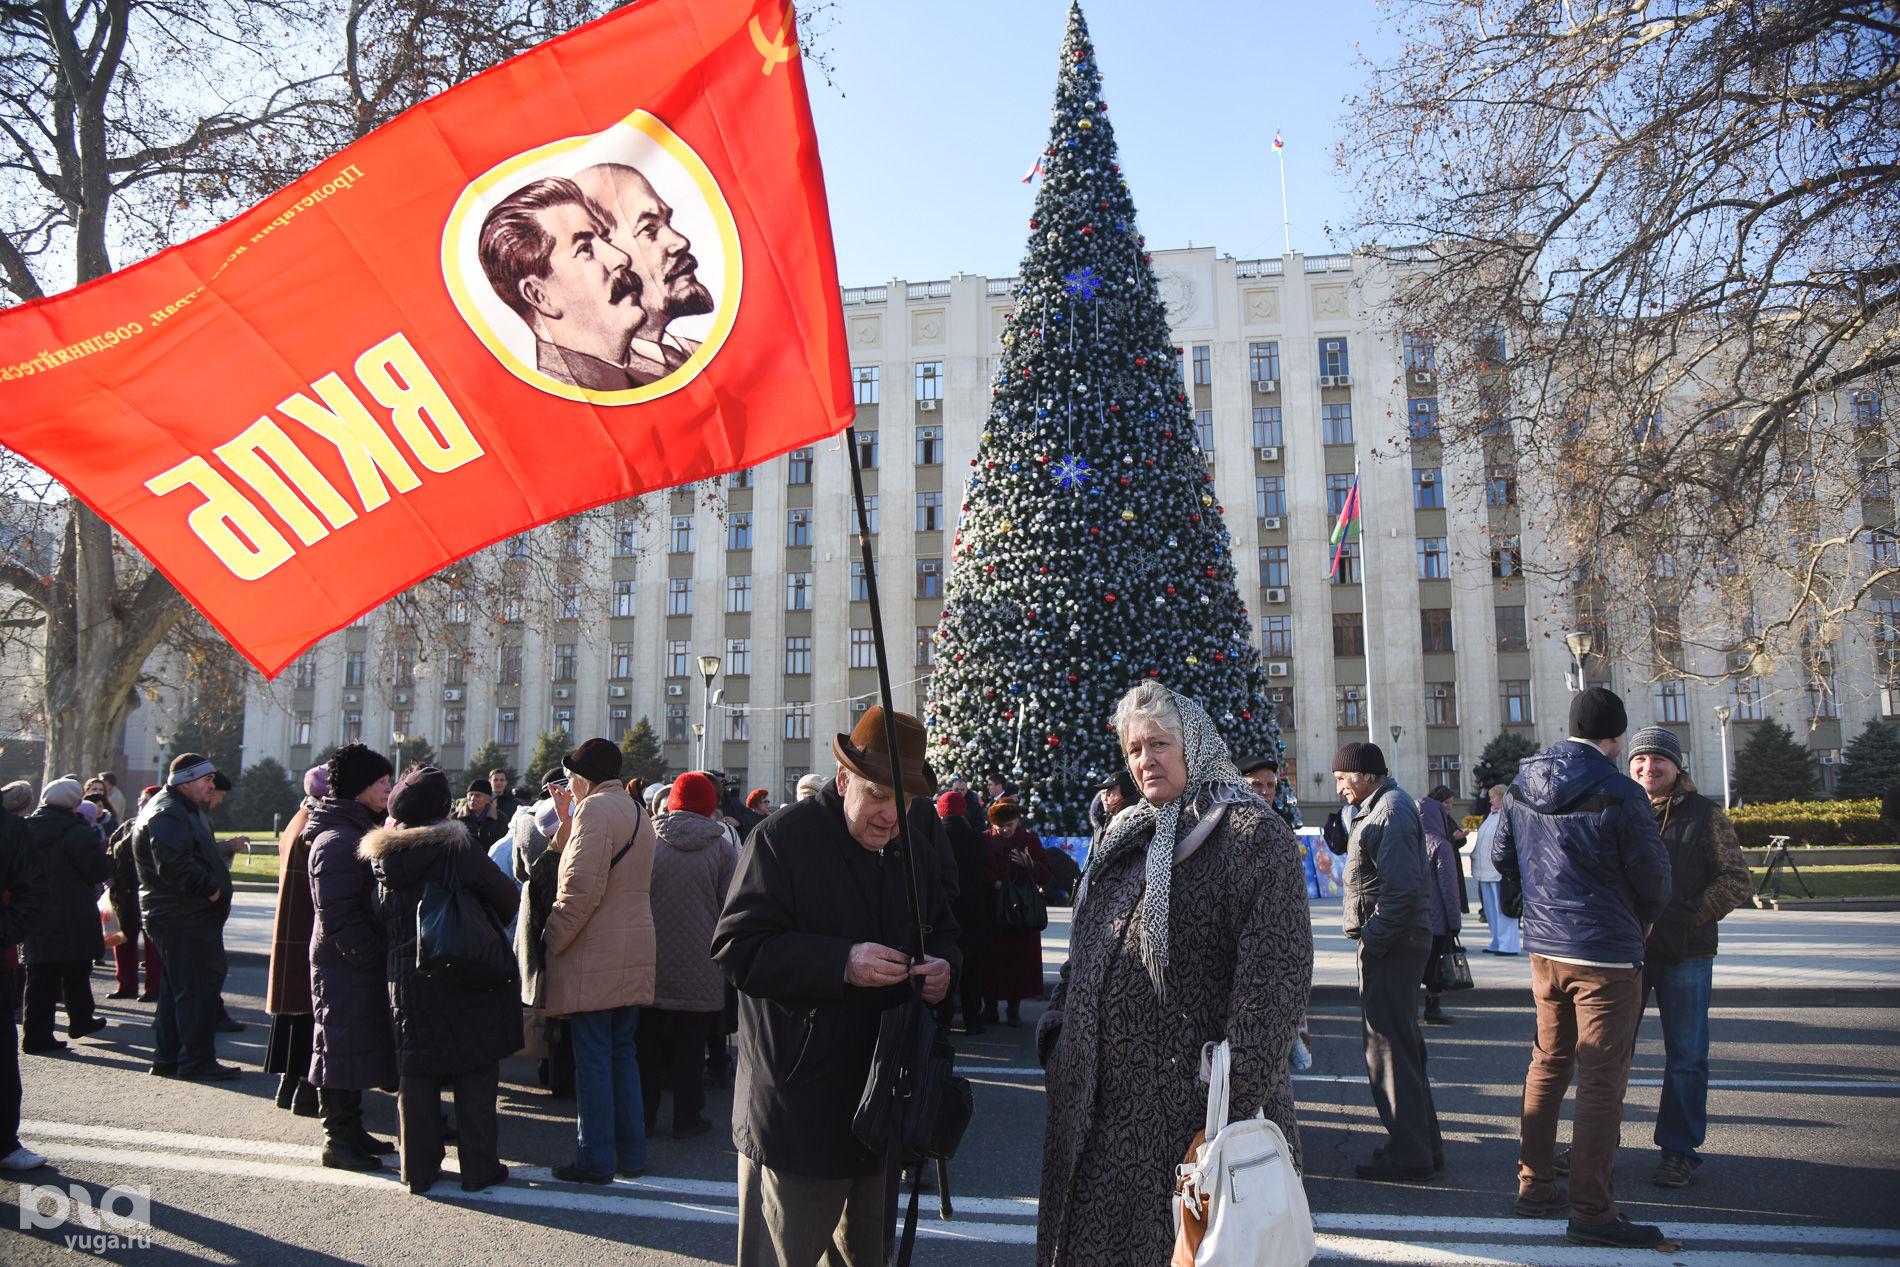 фото с митинга пенсионеров в краснодаре наш праздник, ведь